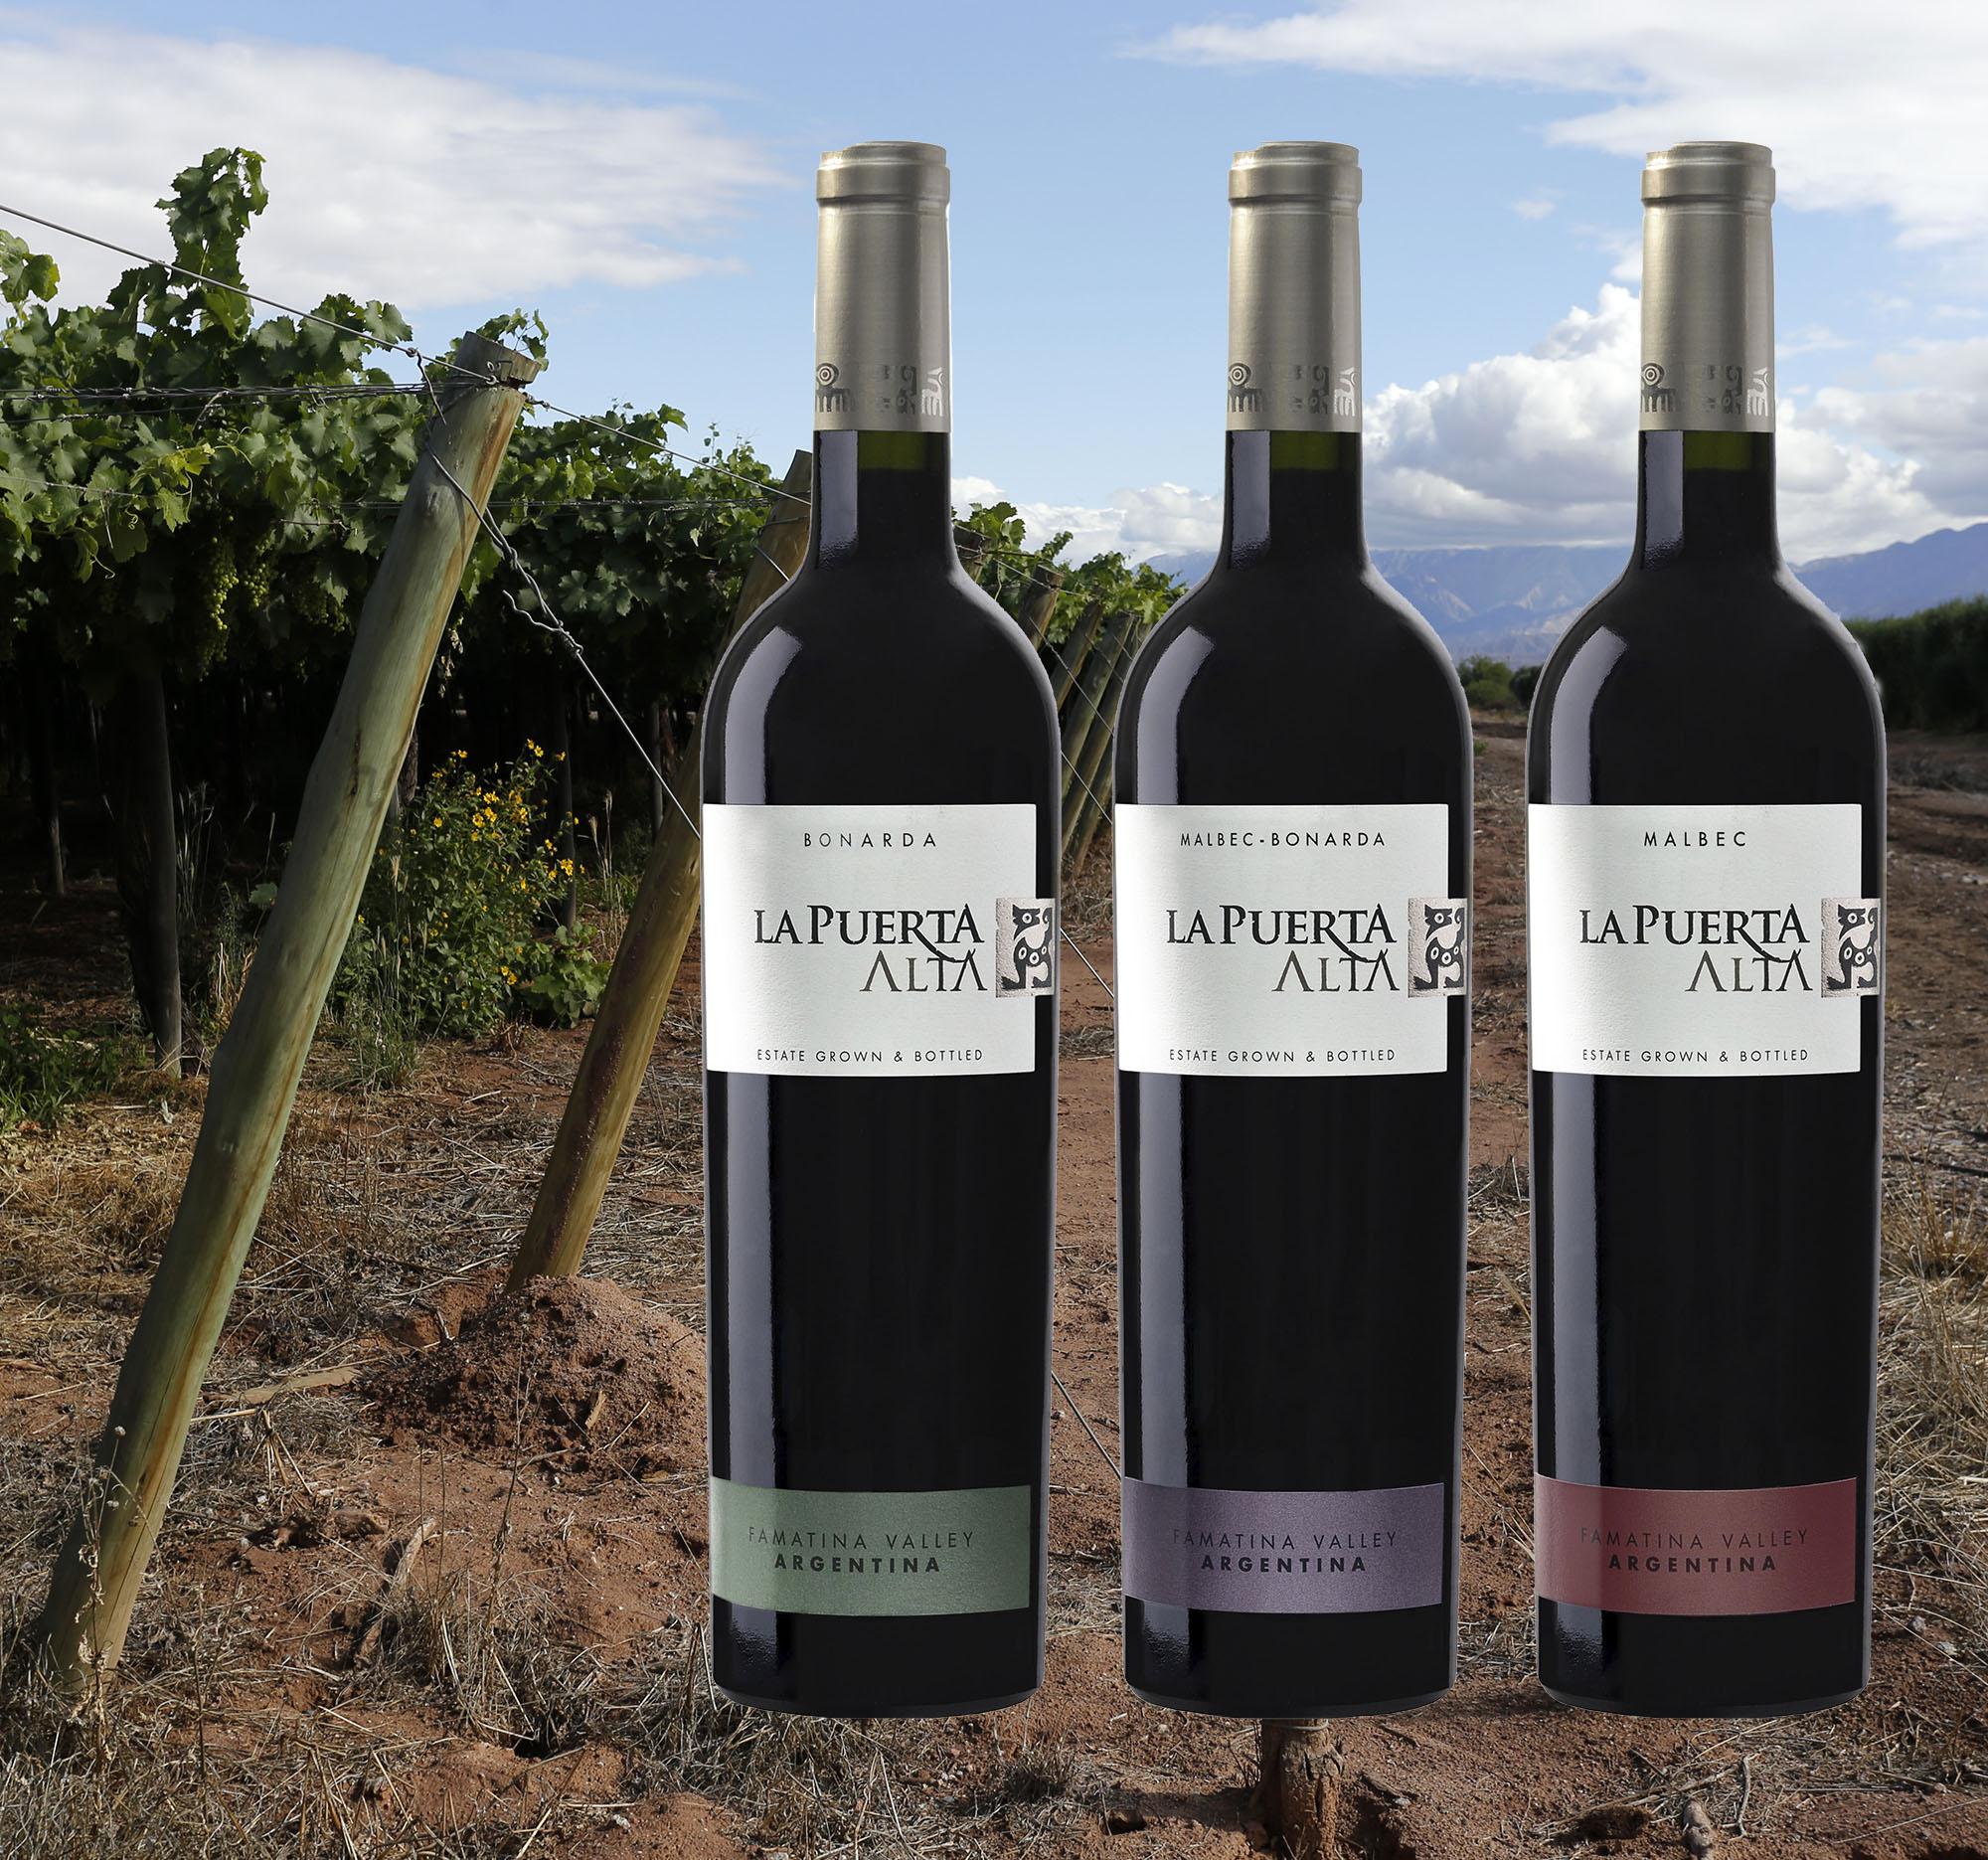 Probierpaket 2 - Drei große Weine aus La Rioja